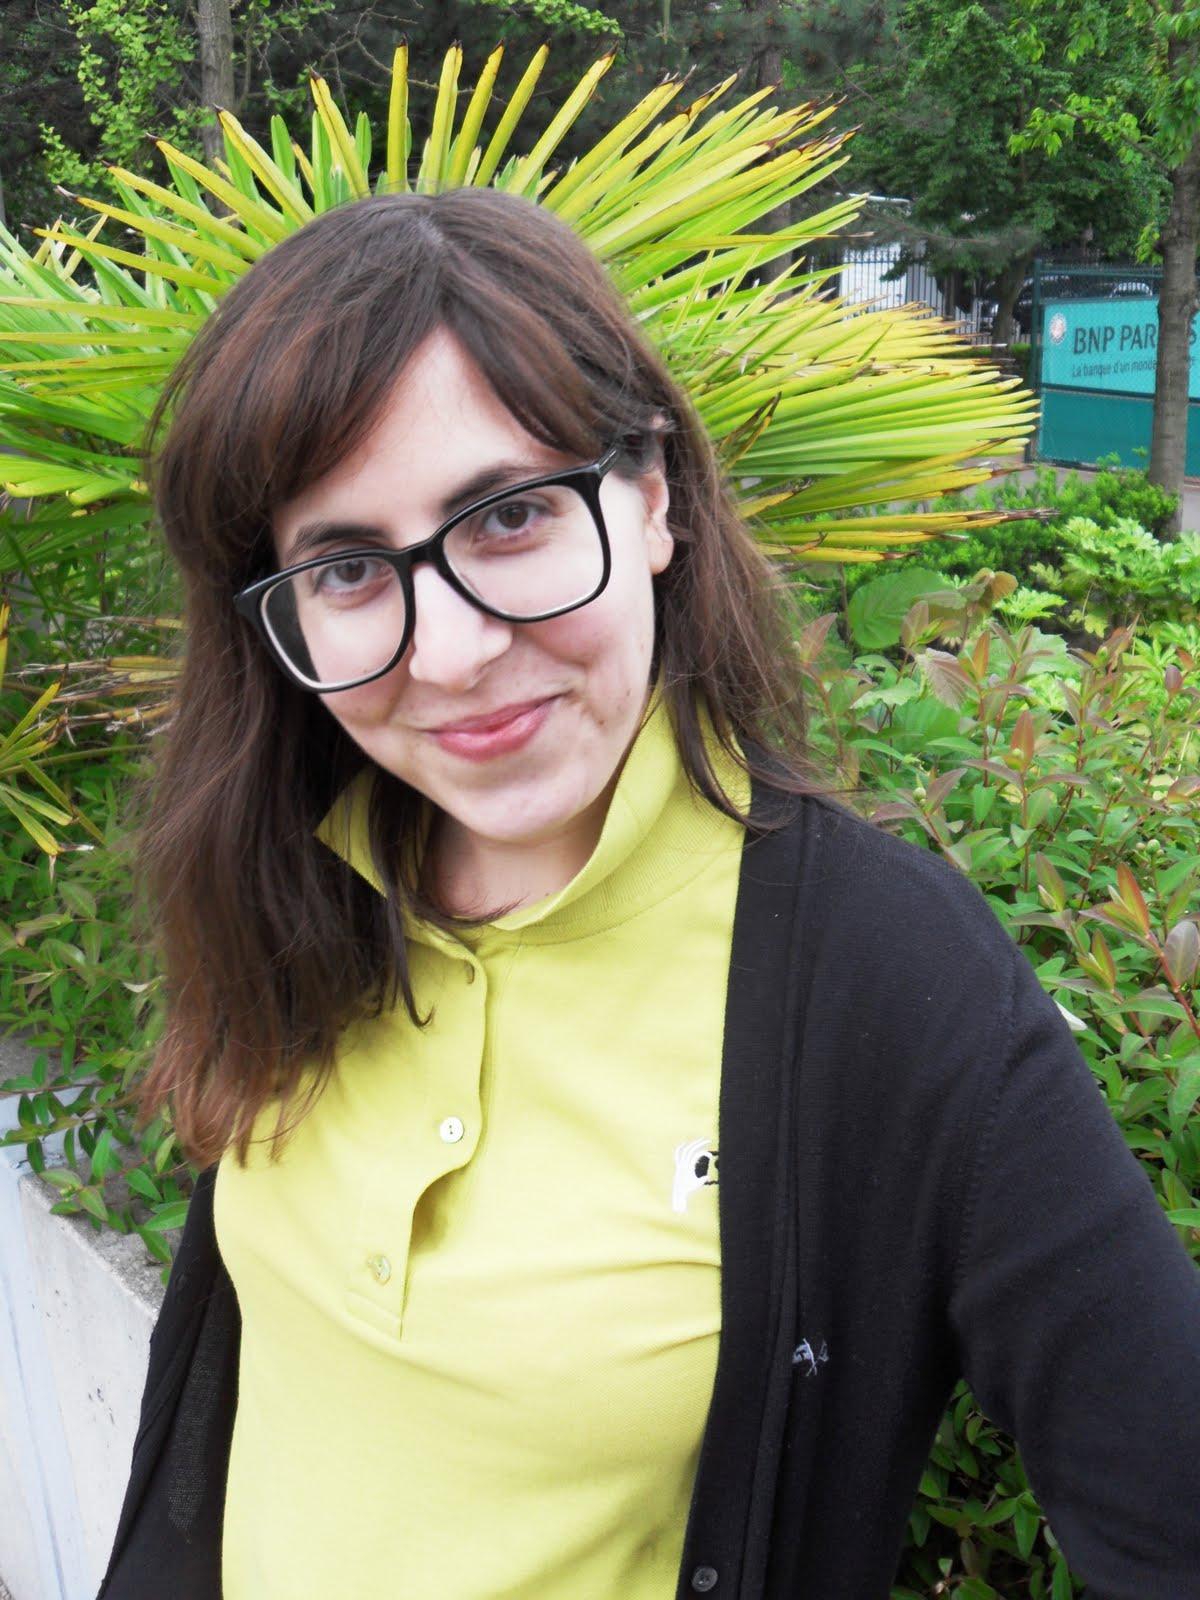 http://1.bp.blogspot.com/_GjpcGML4j48/TA-qtJrjf9I/AAAAAAAABBI/D1GIWlNmXlw/s1600/BILD+SYLVIA+SAMSUNG+354.jpg